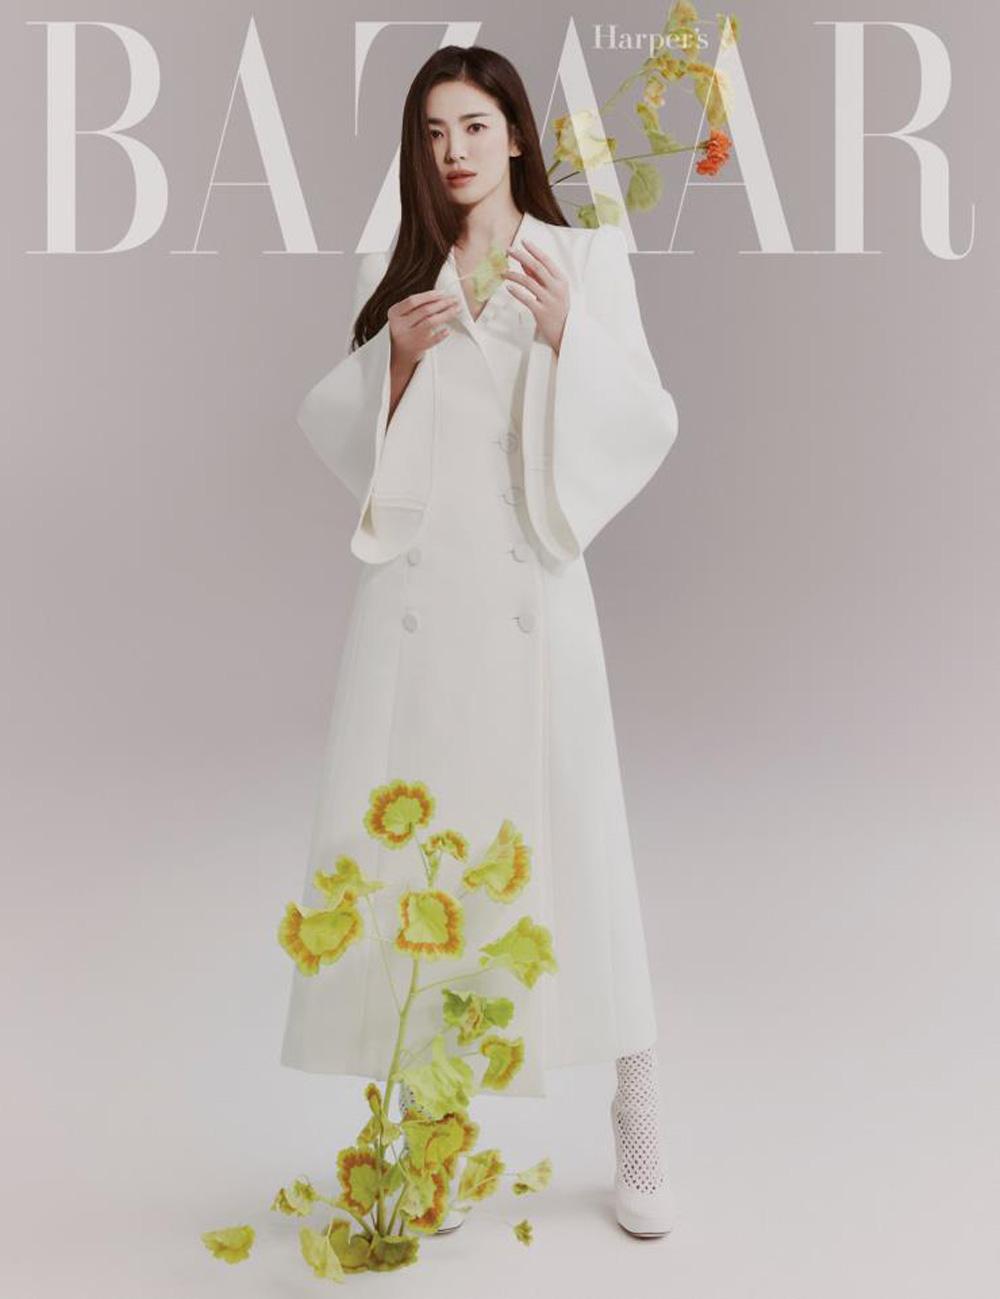 """Song Hye Kyo hay bị dân tình chê thiếu khí chất thời trang nhưng cô đã có cú """"bẻ lái"""" cực gắt khiến antifan câm nín - Ảnh 2."""